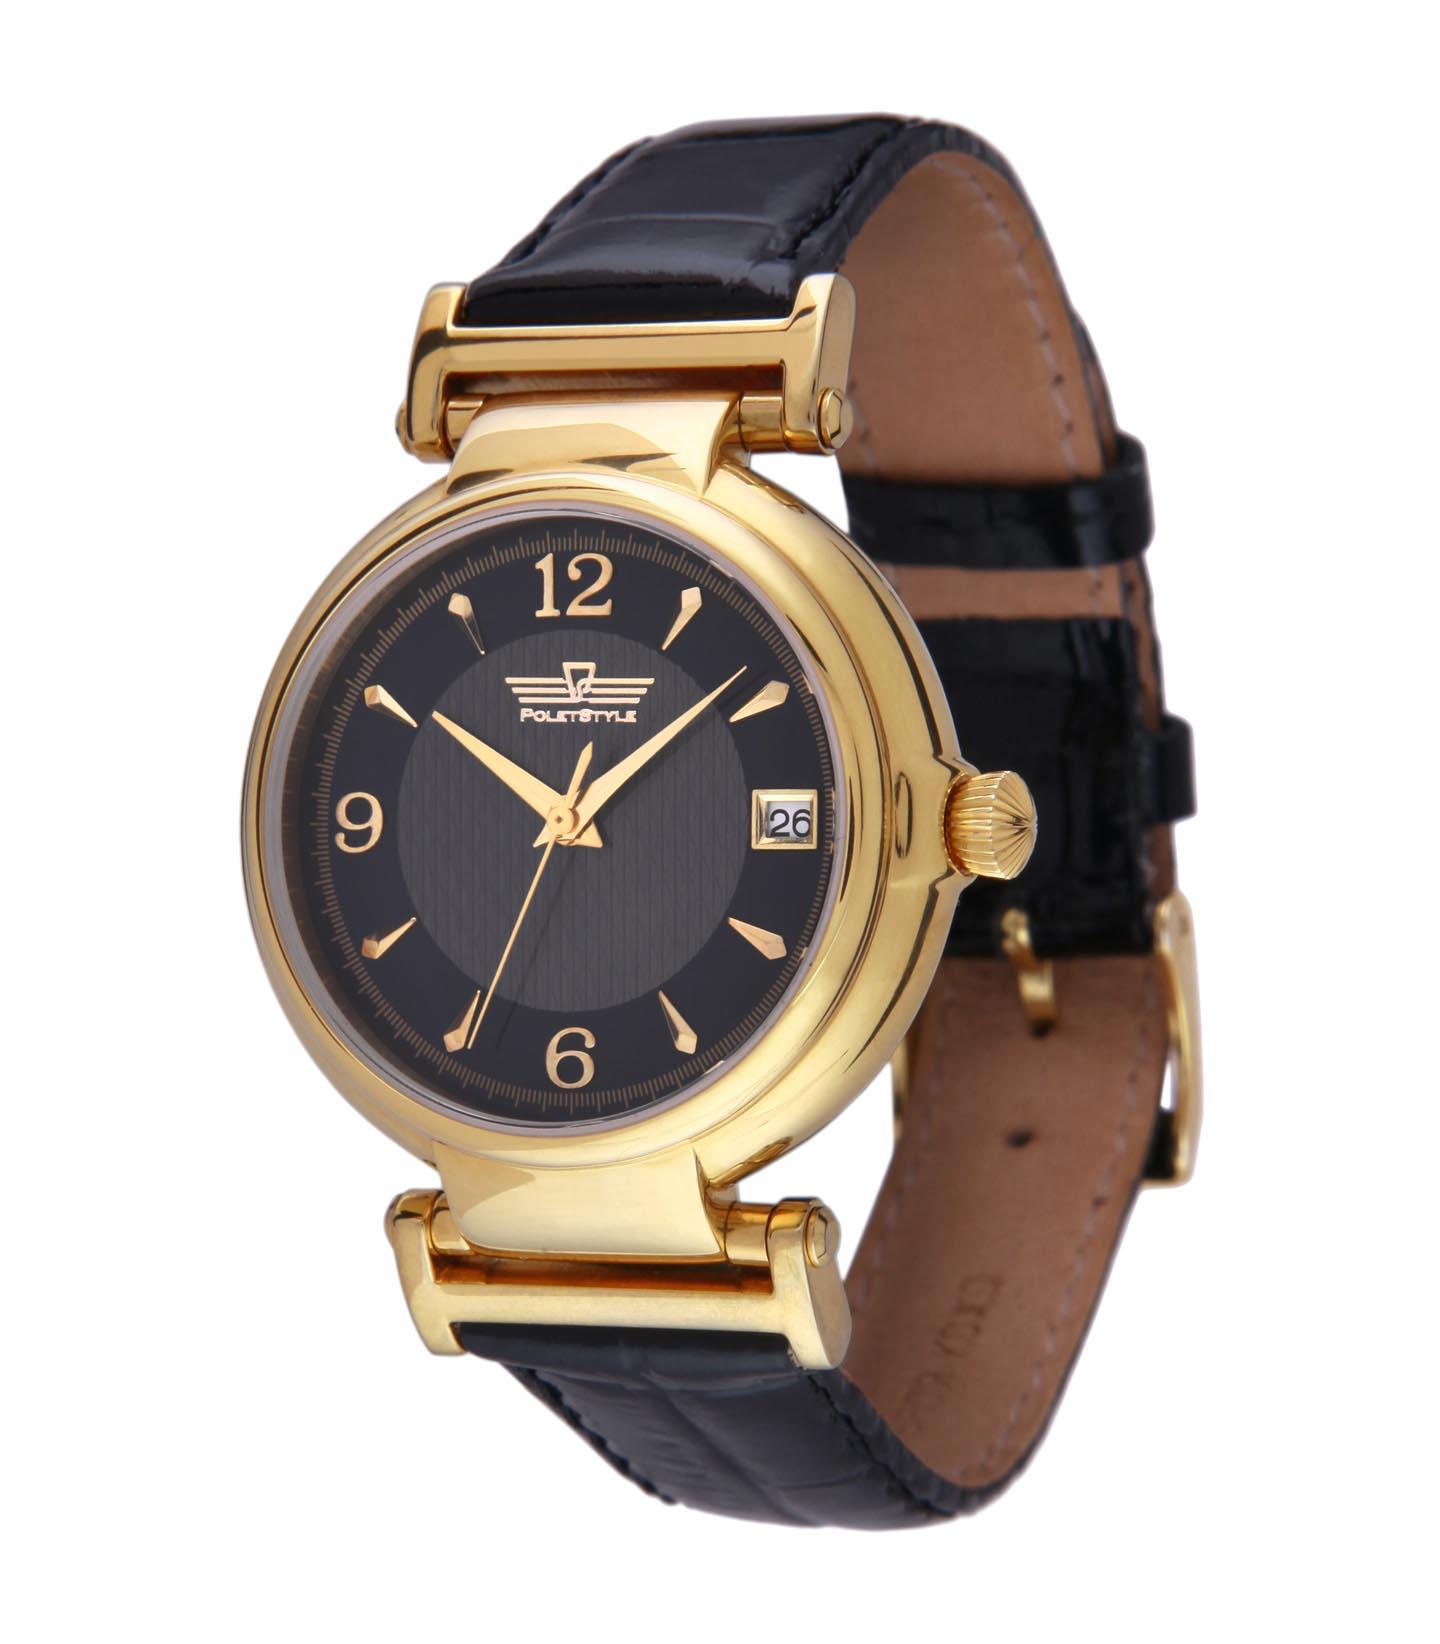 Часы женские наручные полет недорогие наручные часы в екатеринбурге